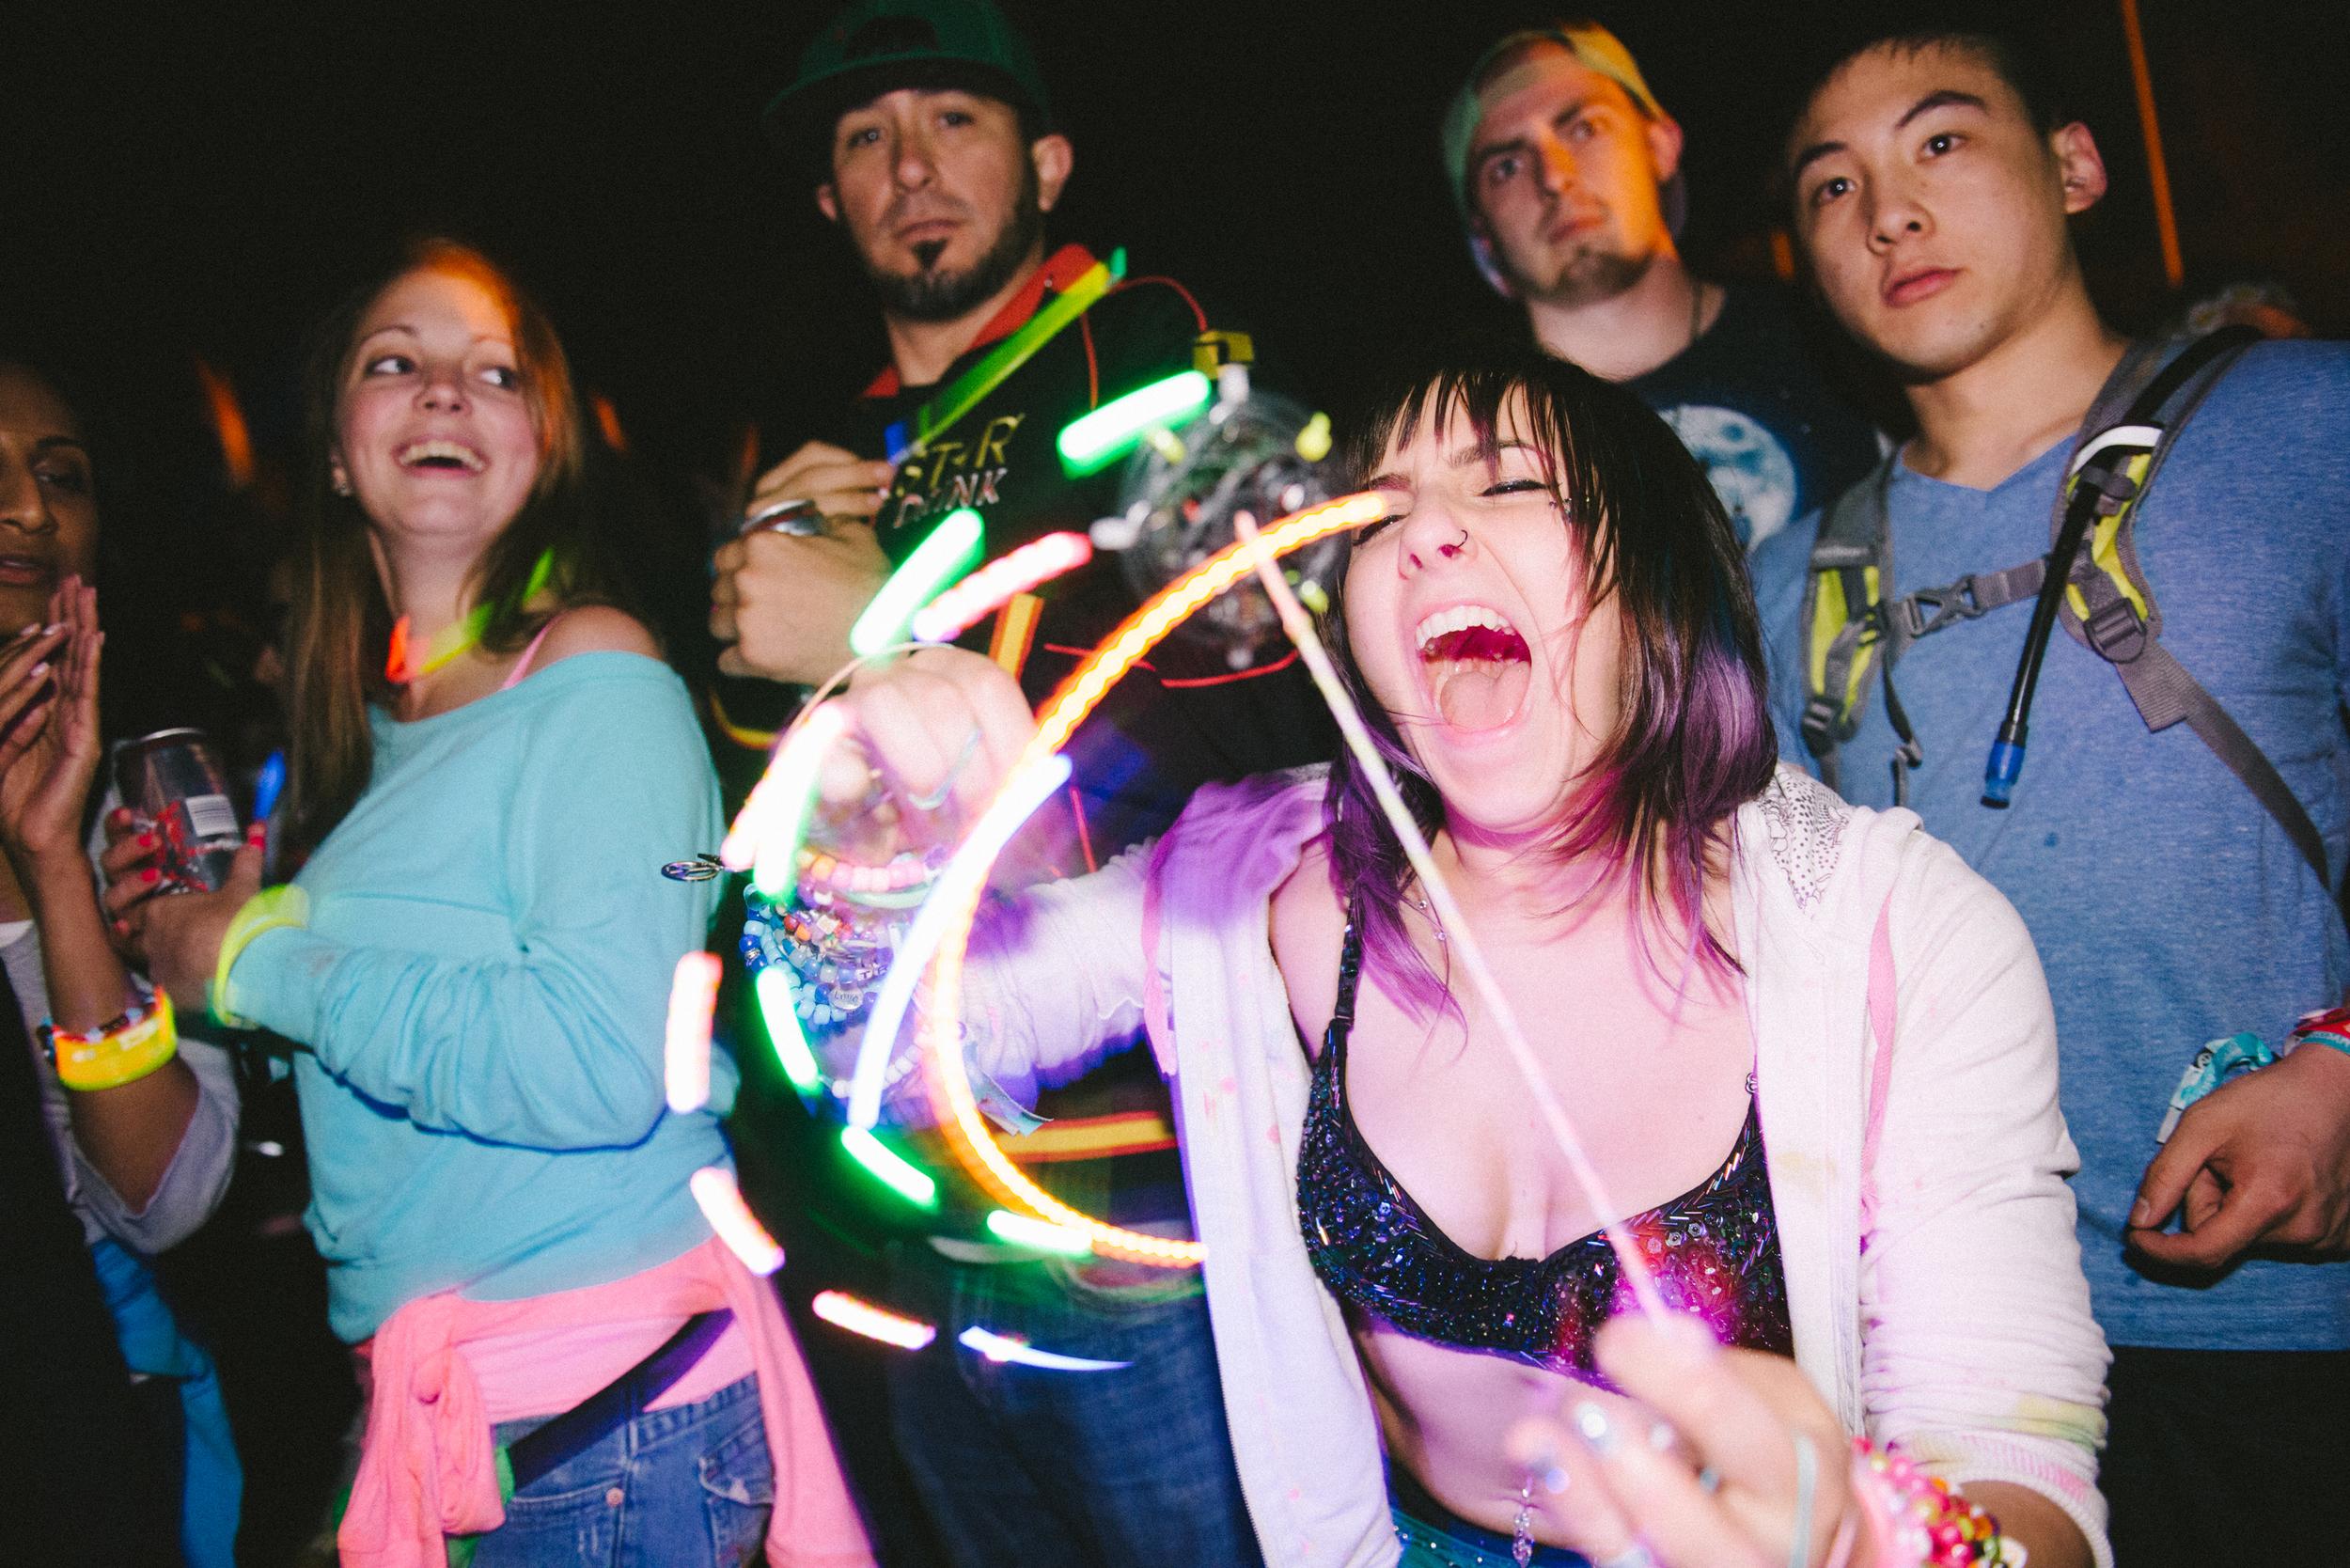 JACKIELEE_ML-138-Crowd&MusicBigtop.jpg